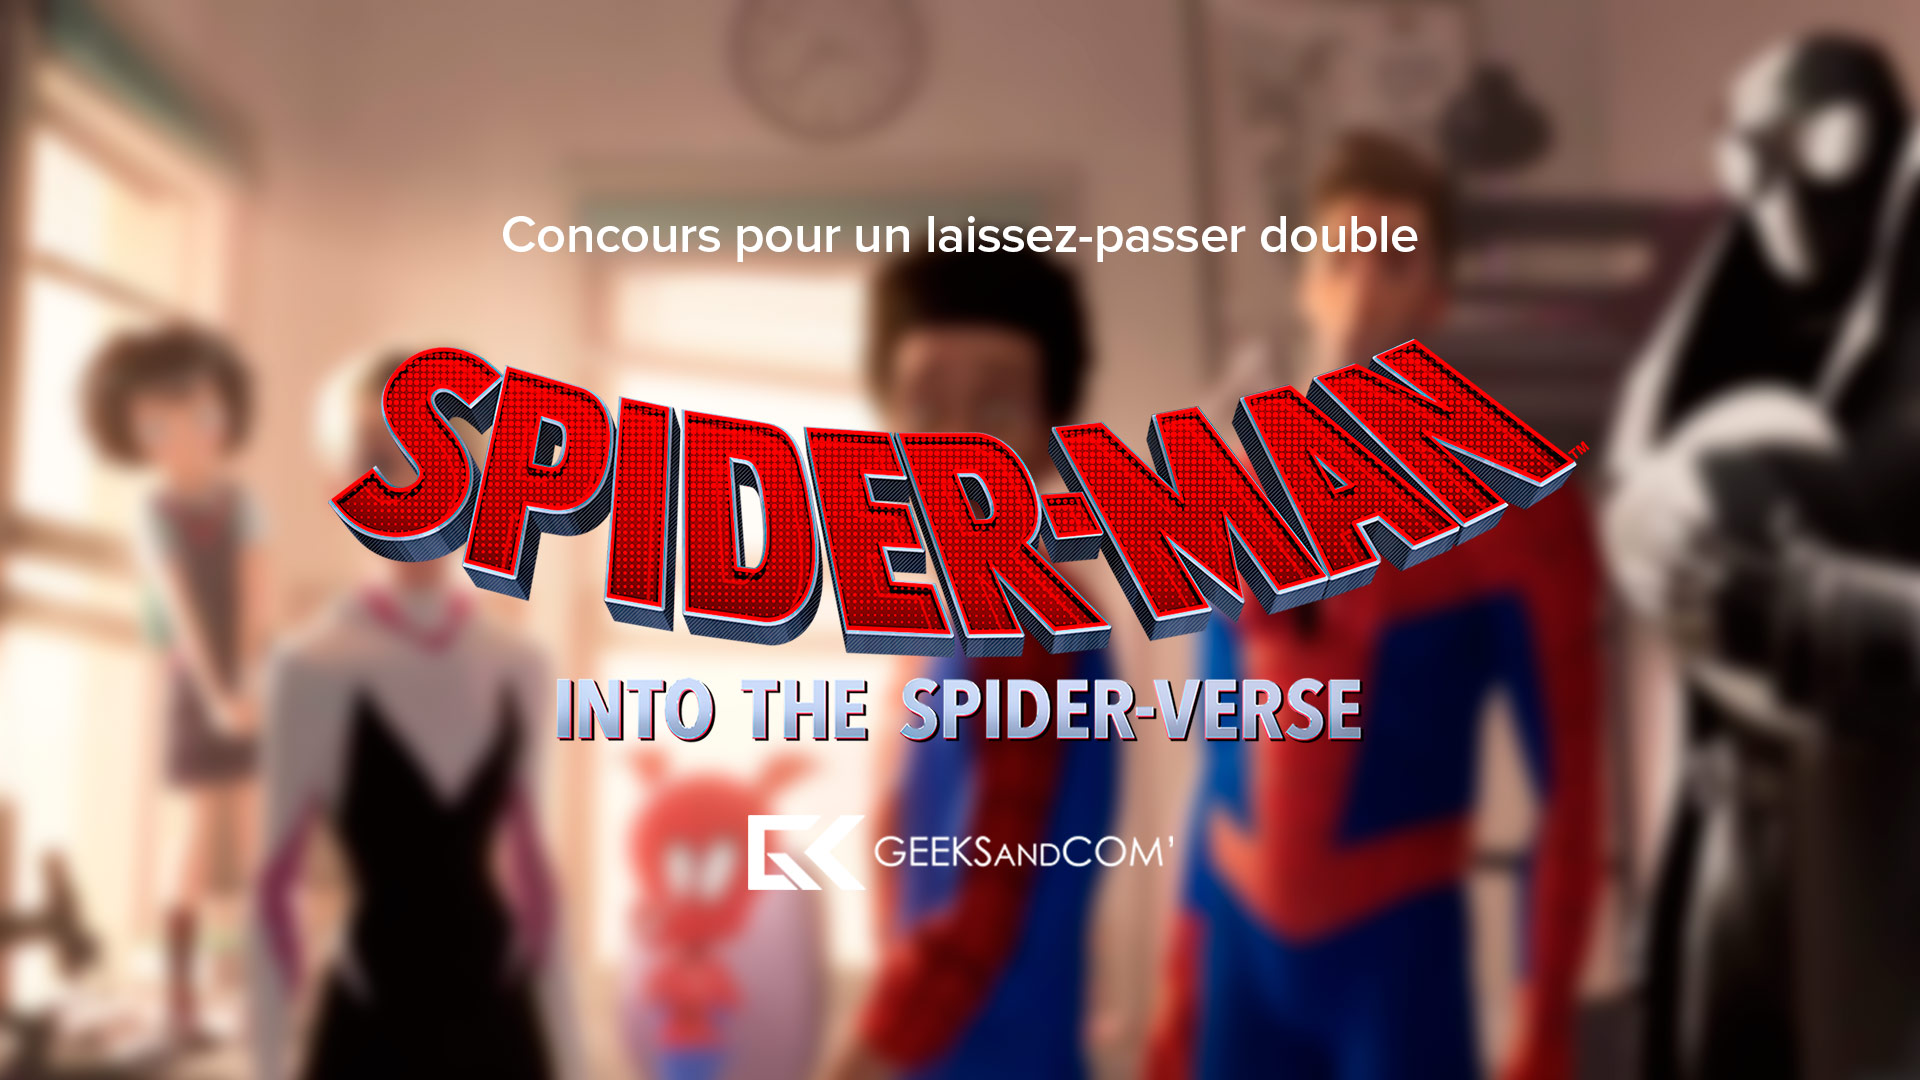 SPIDER-MAN : DANS LE SPIDER-VERSE